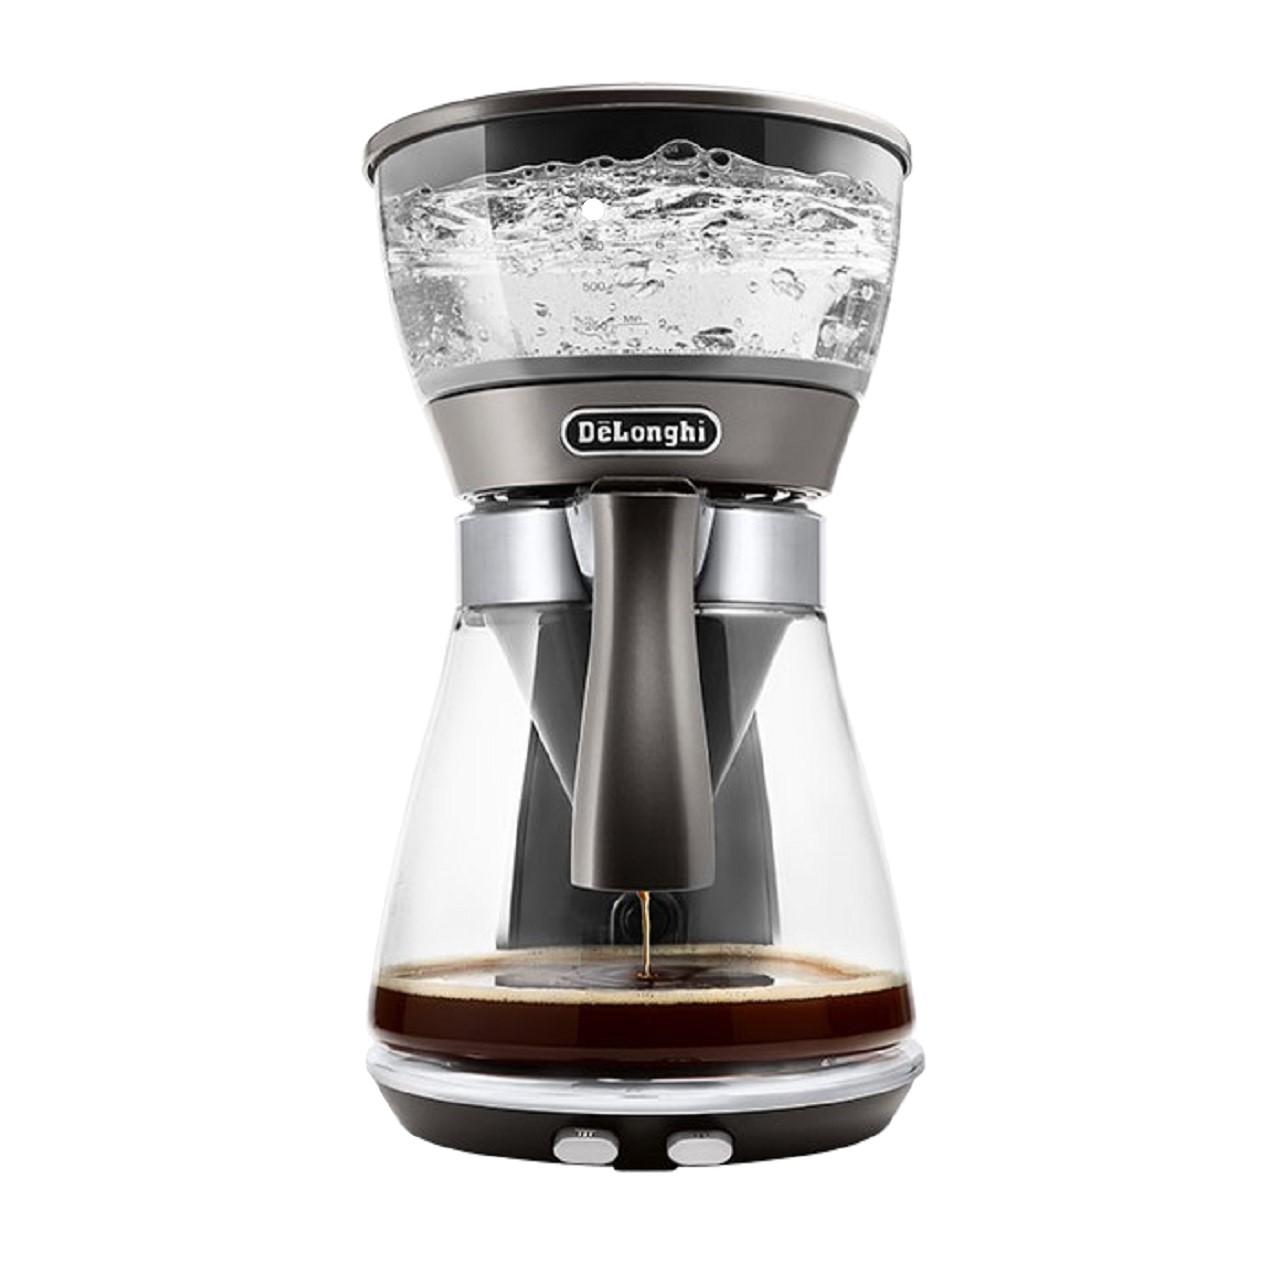 デロンギ クレシドラICM17270Jドリップコーヒーメーカー